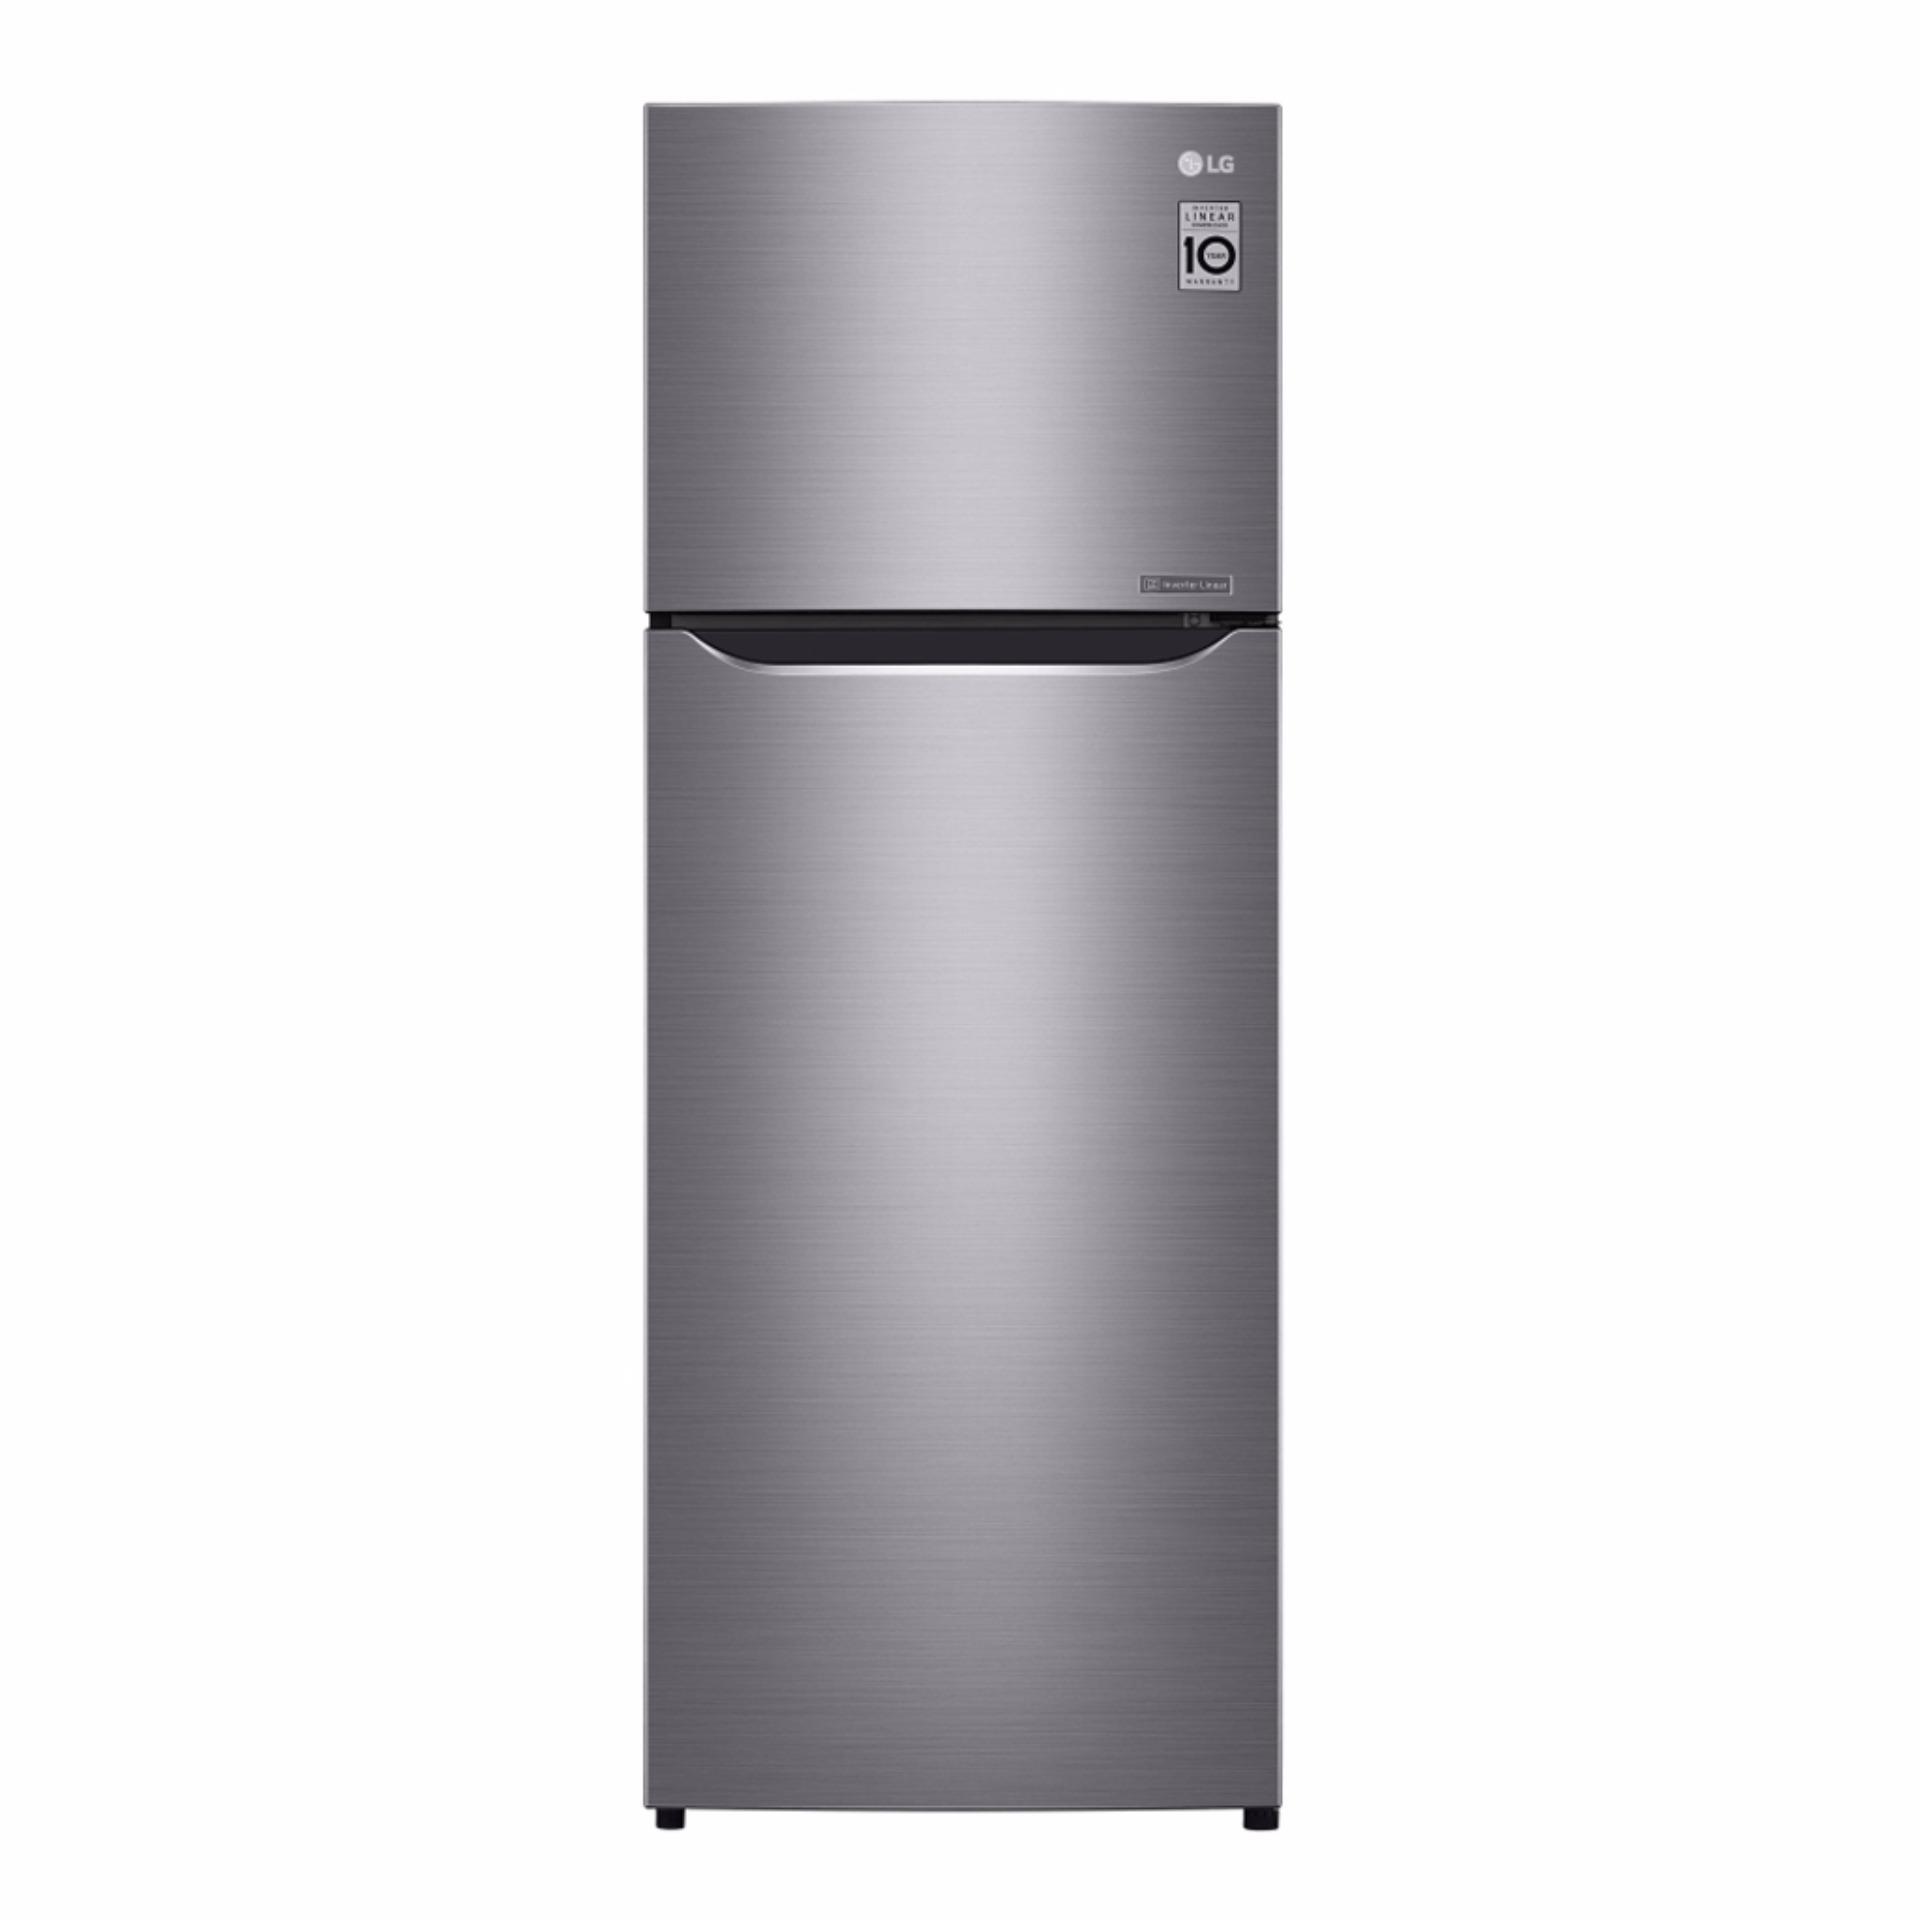 Tủ lạnh inverter LG 208 lít GN-L208PS